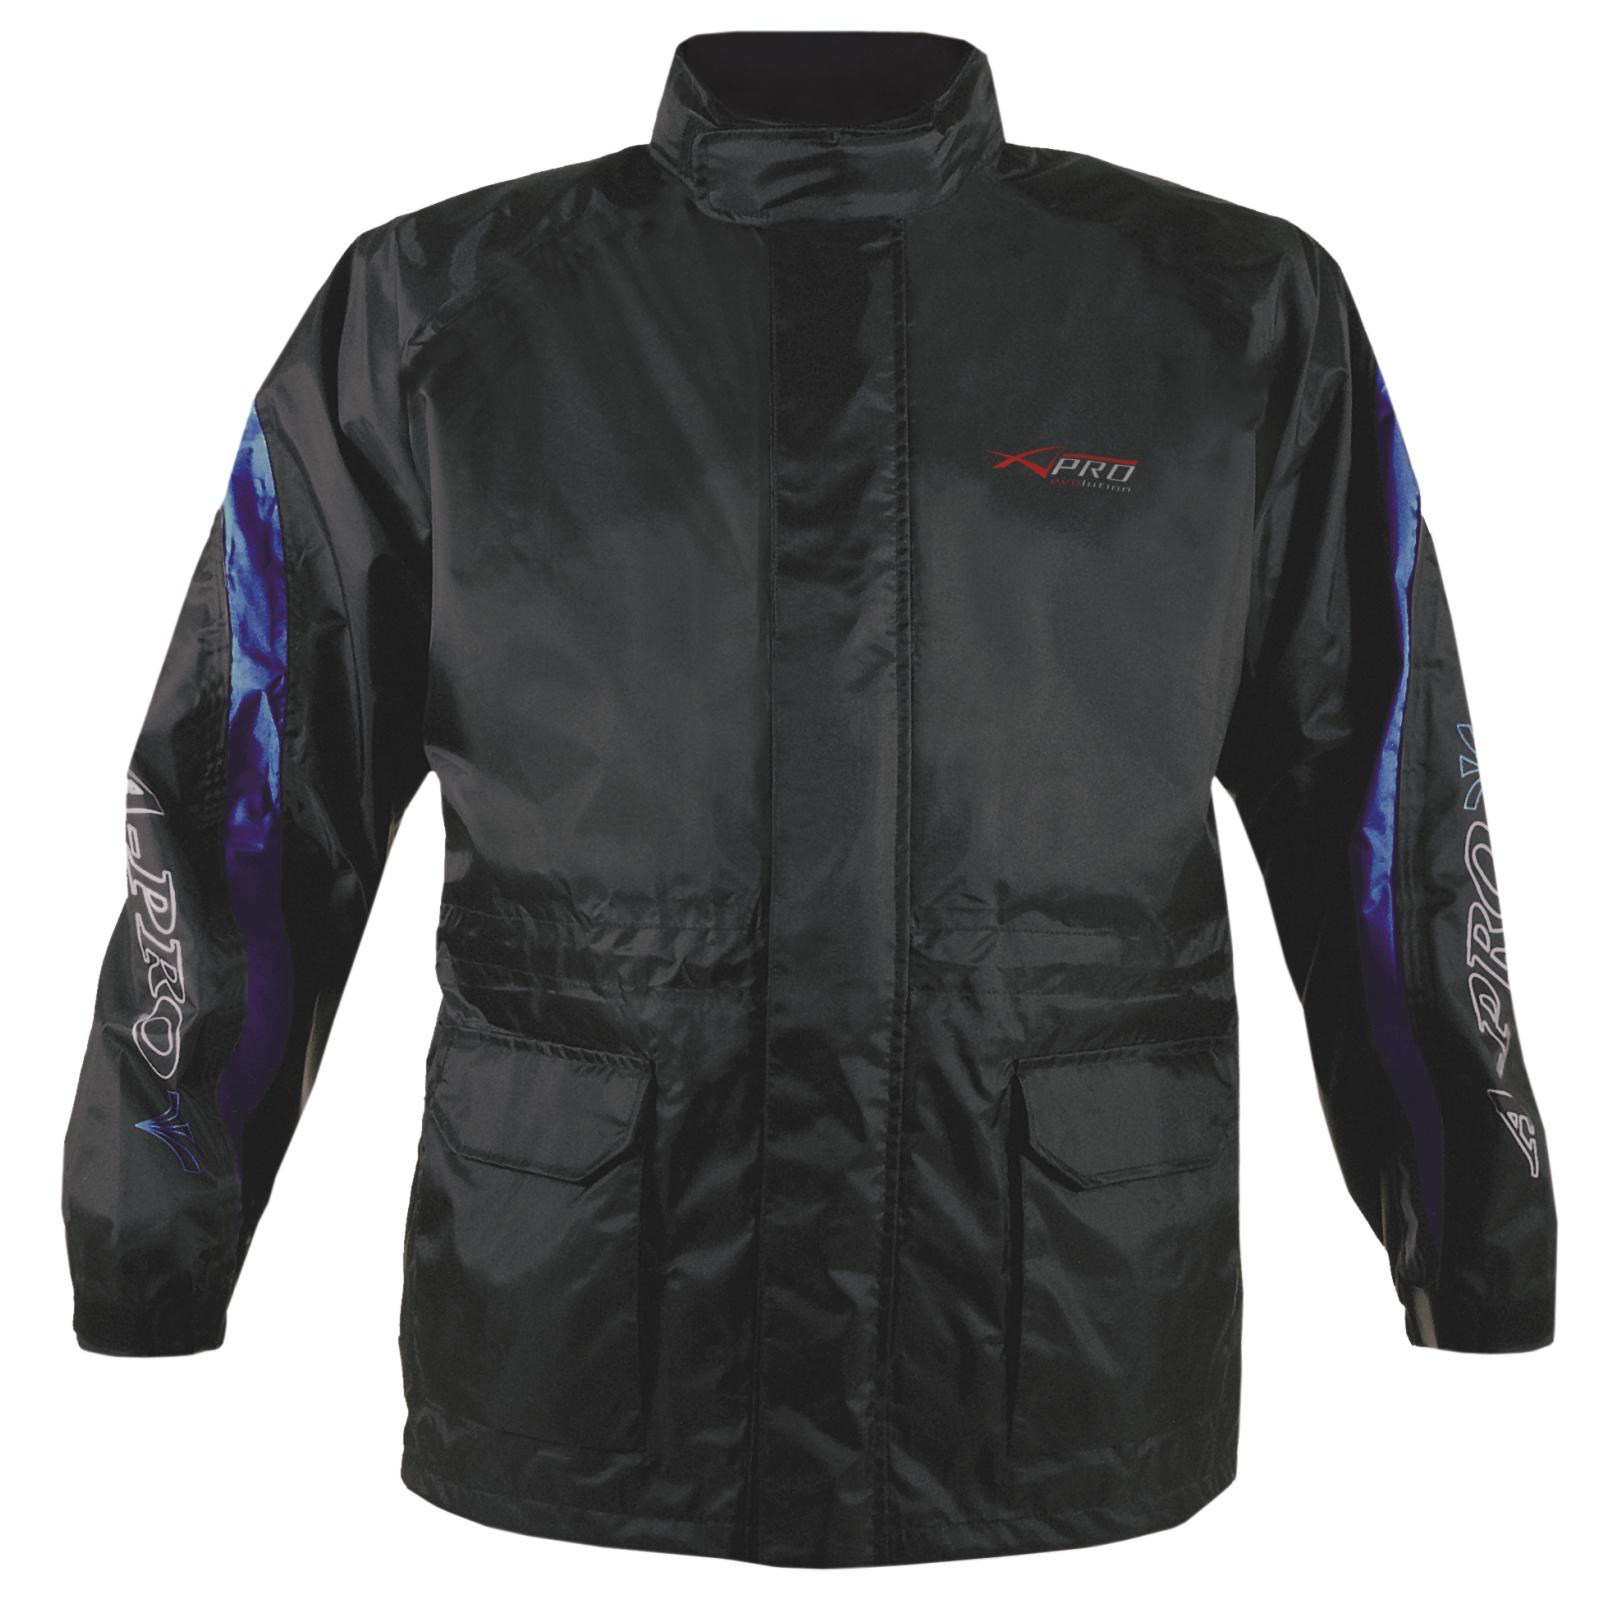 Veste-Pluie-Nylon-100-Etanche-Capuche-Reflechissant-Moto-Motard-Sport-Scooter